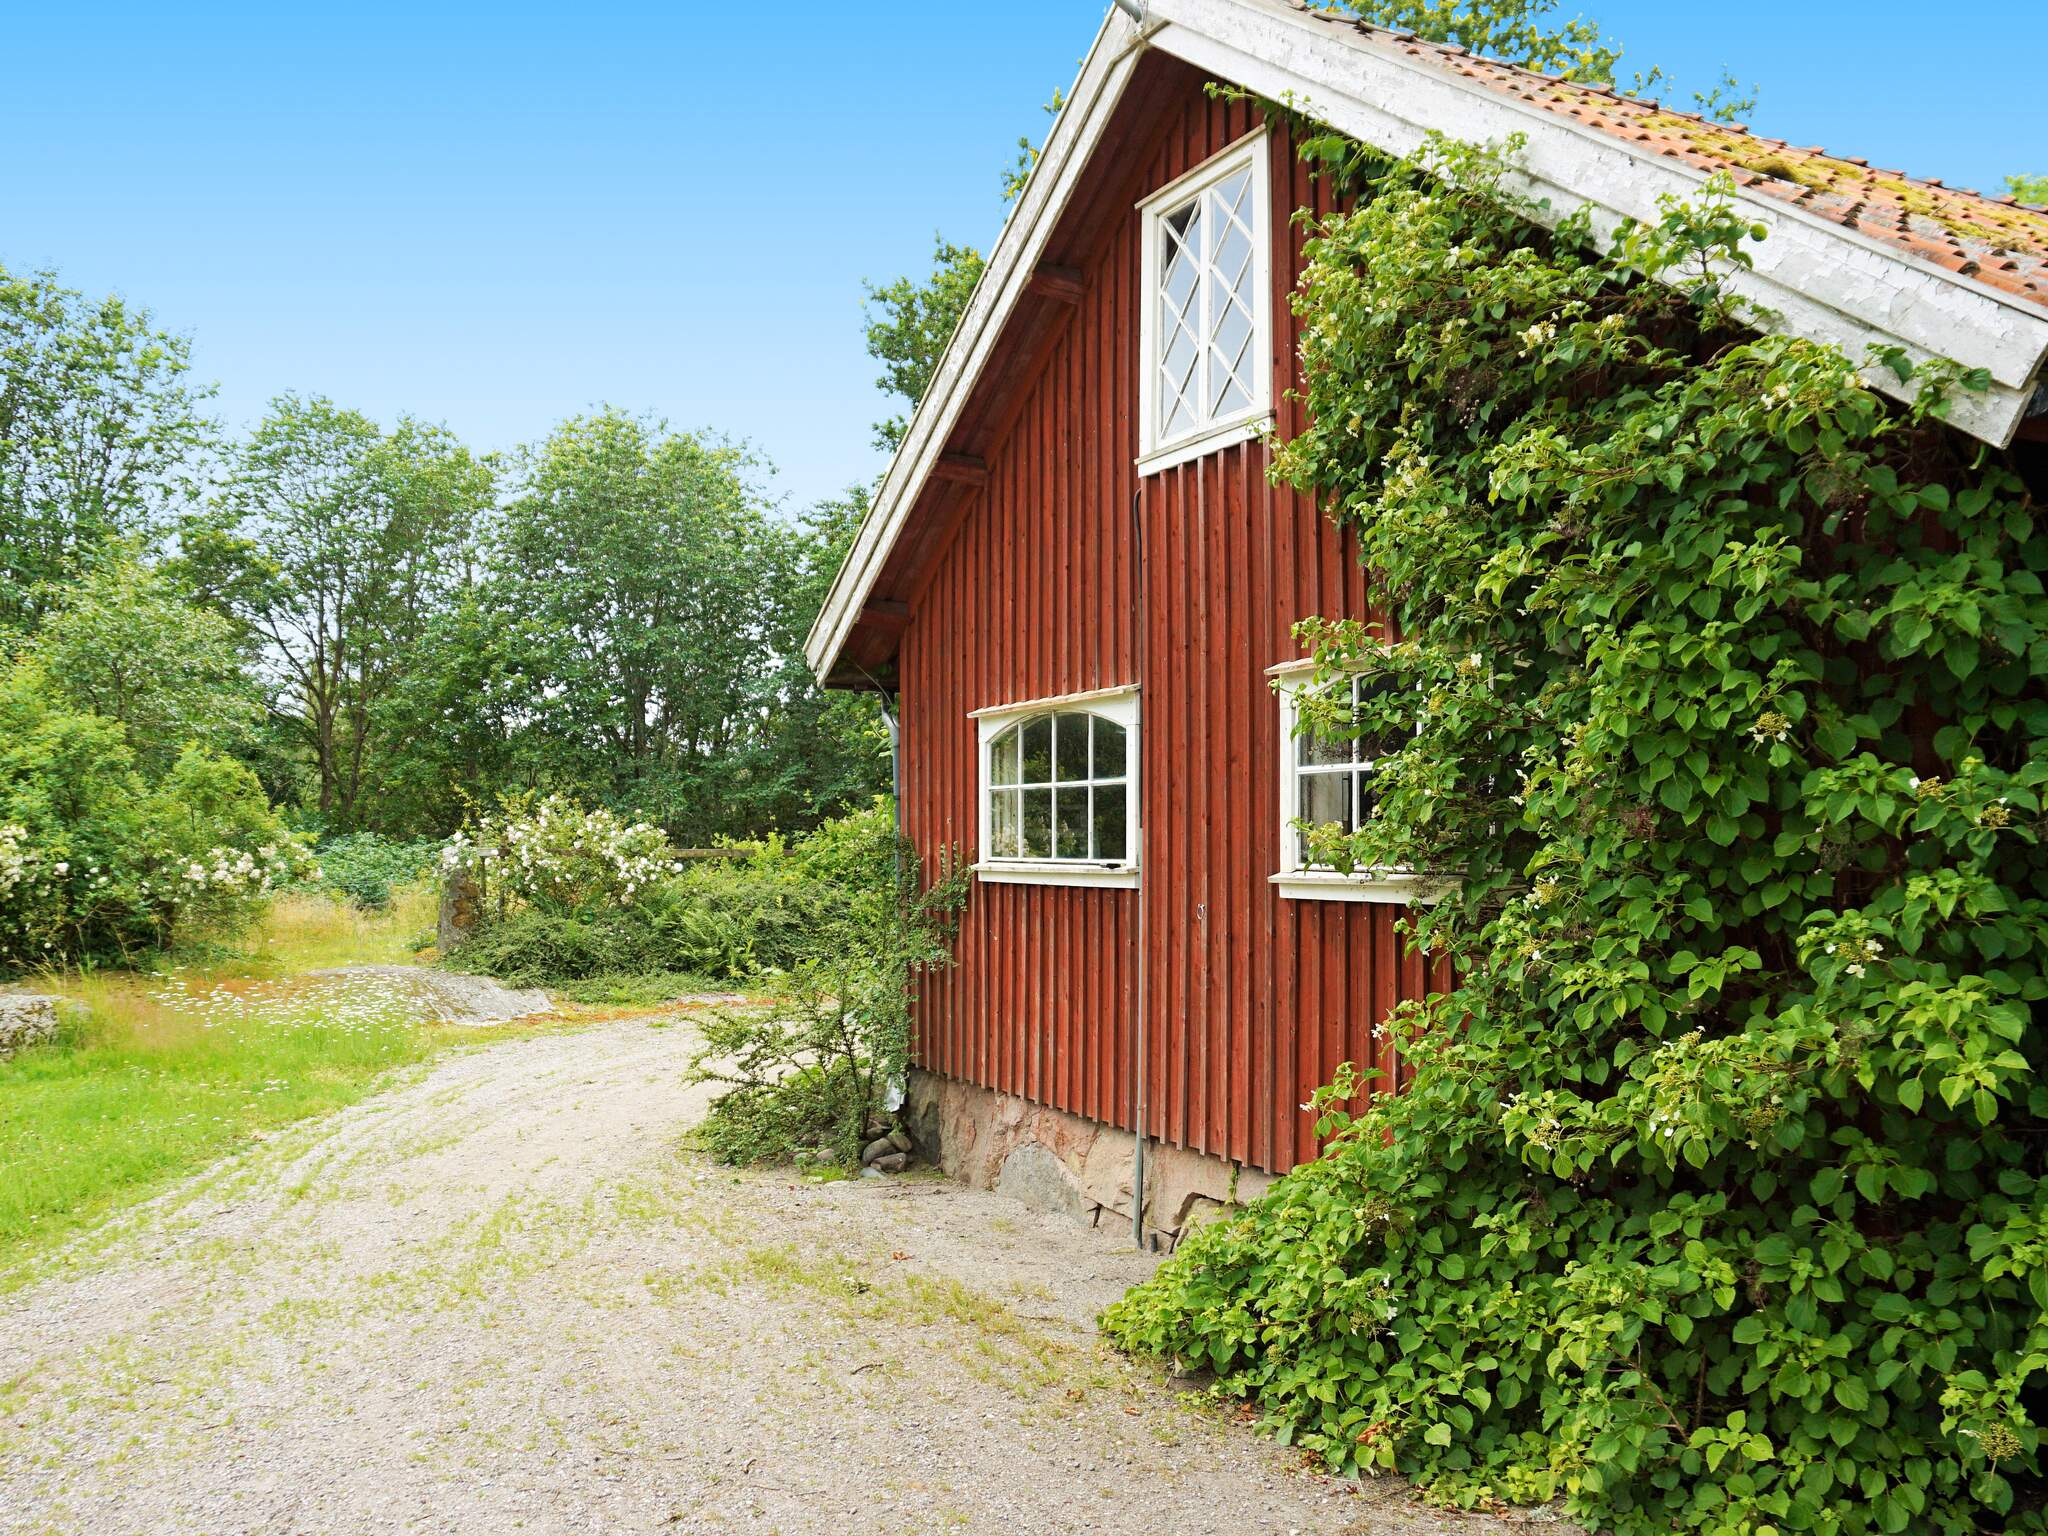 Ferienhaus Munkedal (2644651), Munkedal, Västra Götaland län, Westschweden, Schweden, Bild 26